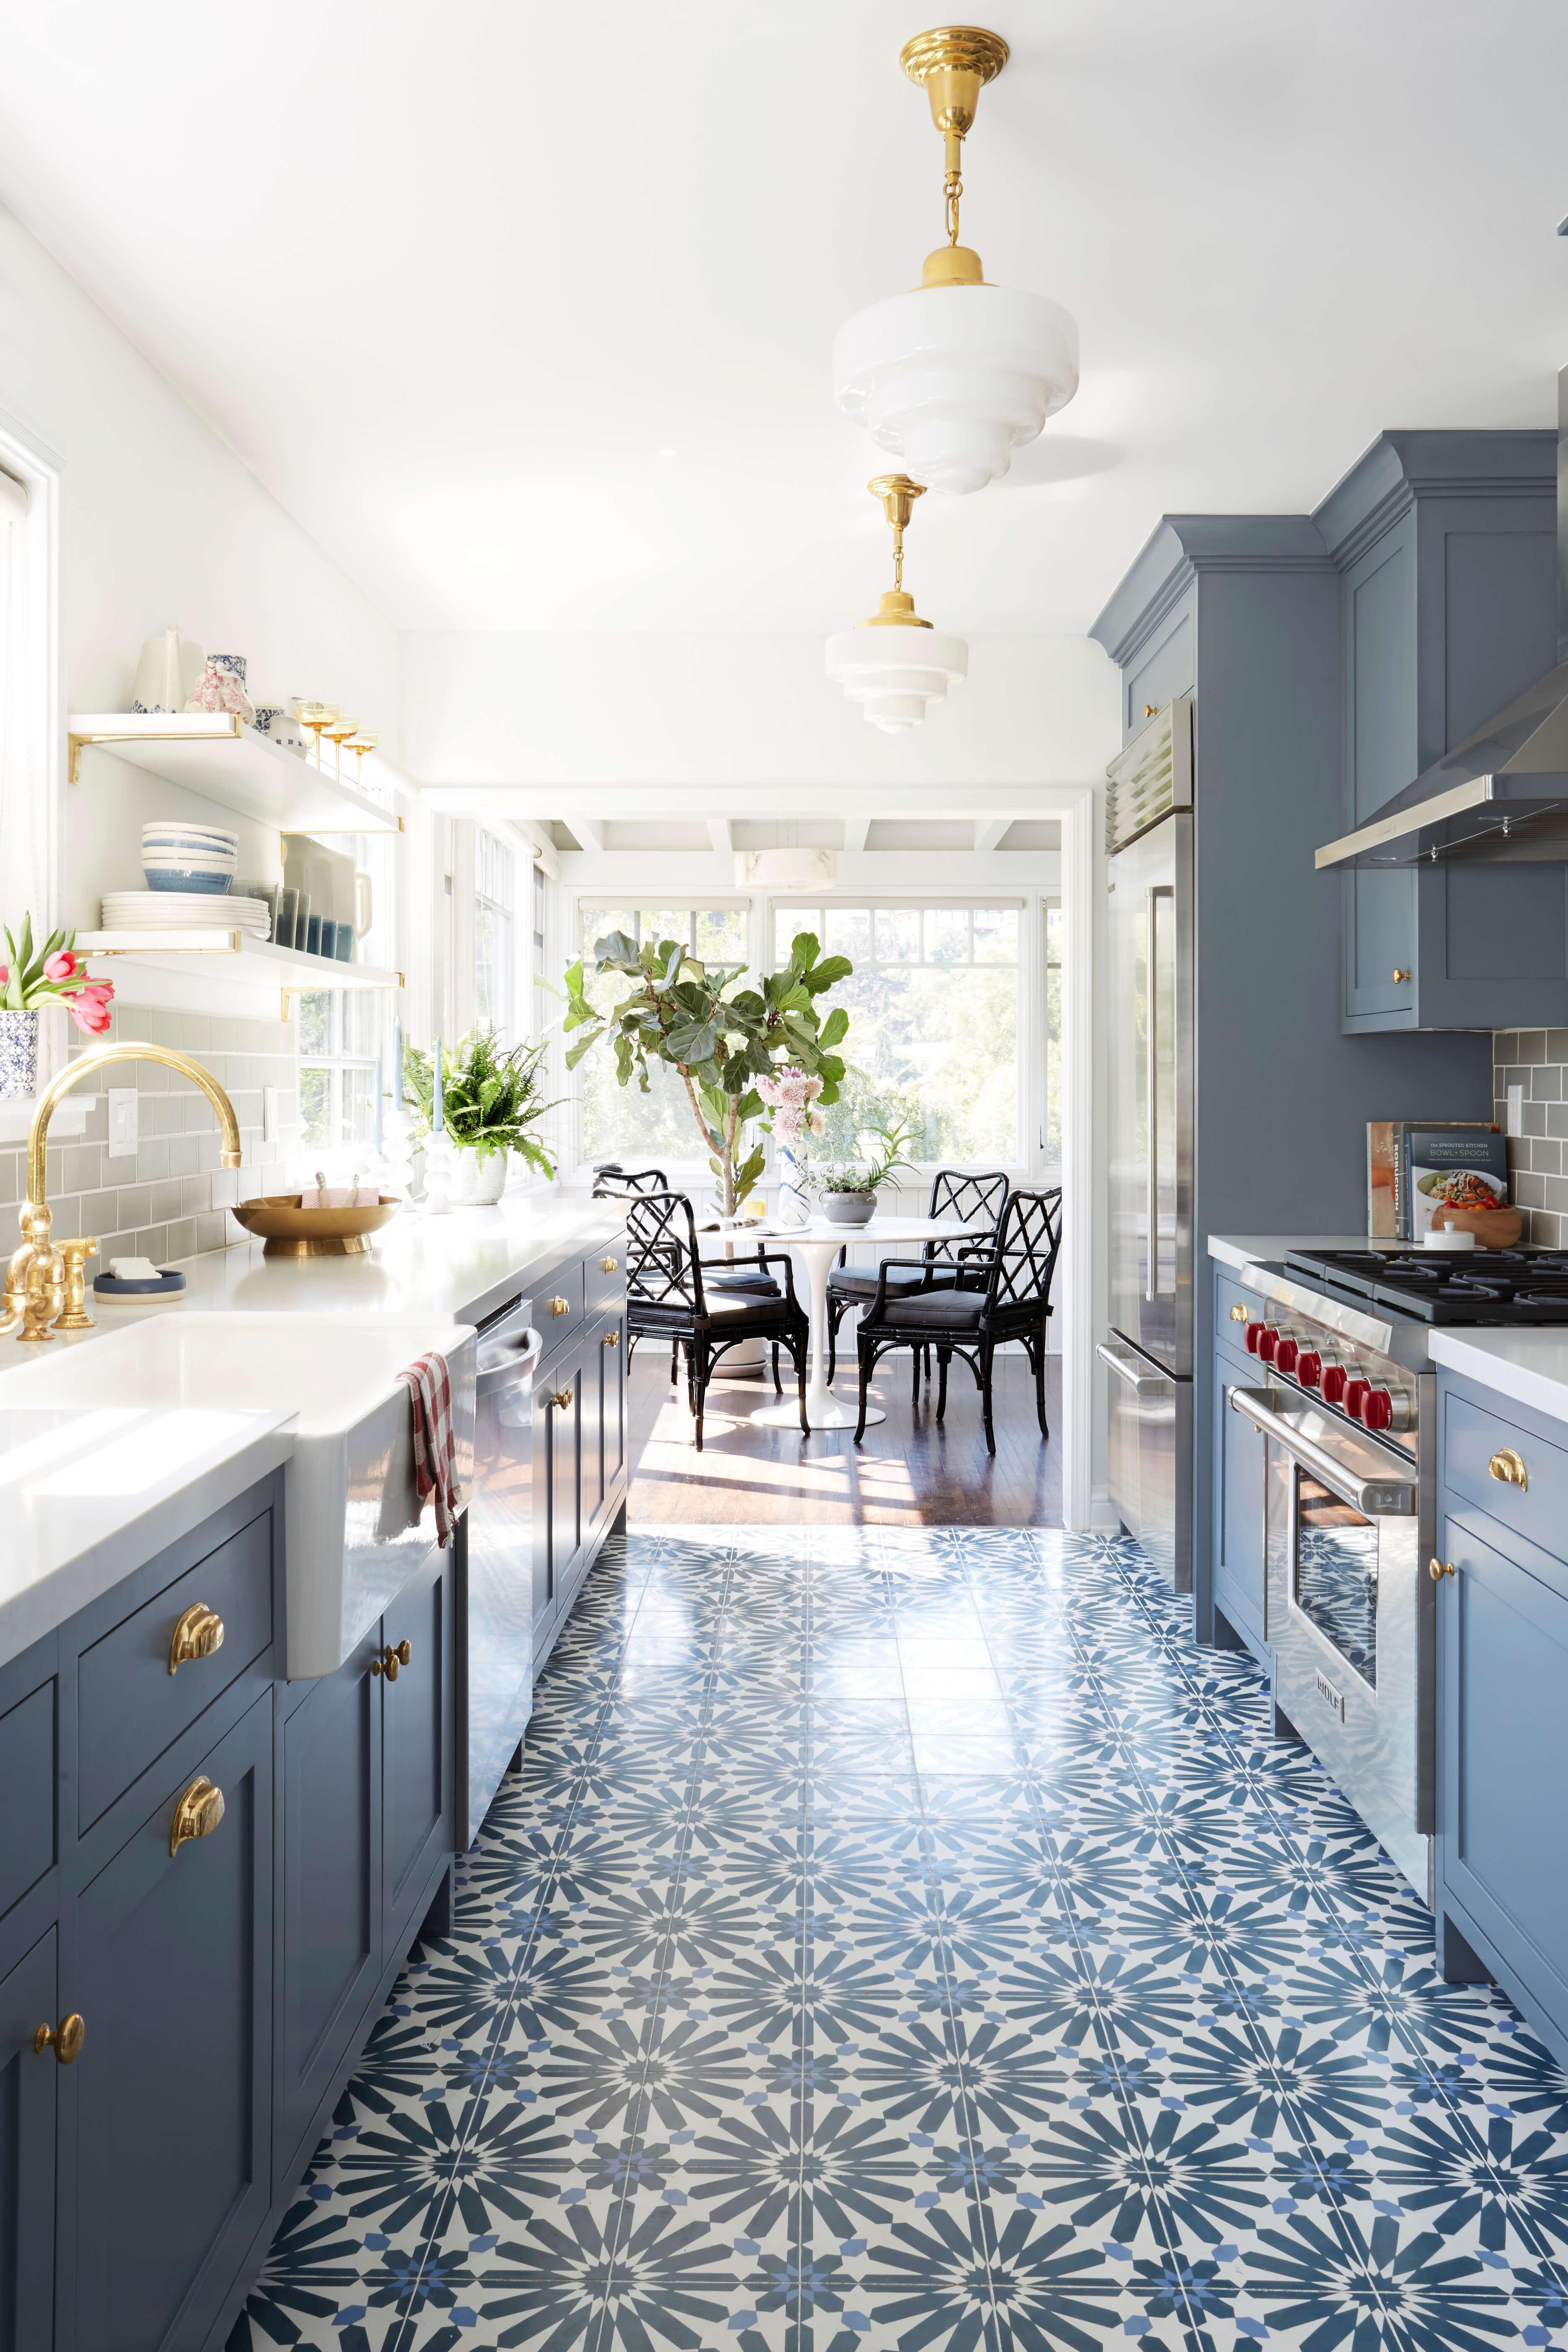 Emily_Henderson_Ginny_Macdonald_Floor_Tile.jpg